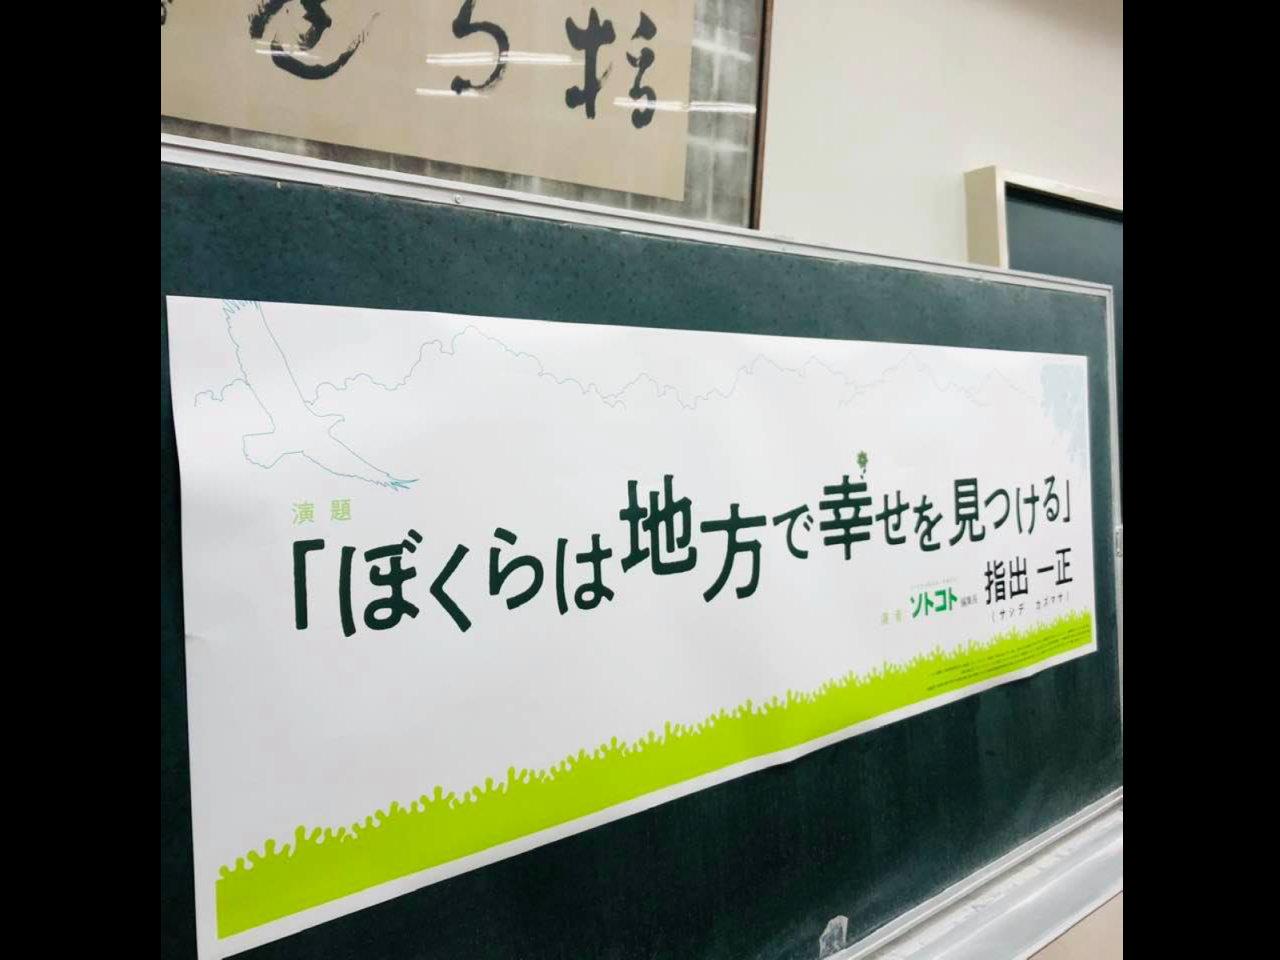 高崎高校のみなさま、ありがとうございました!